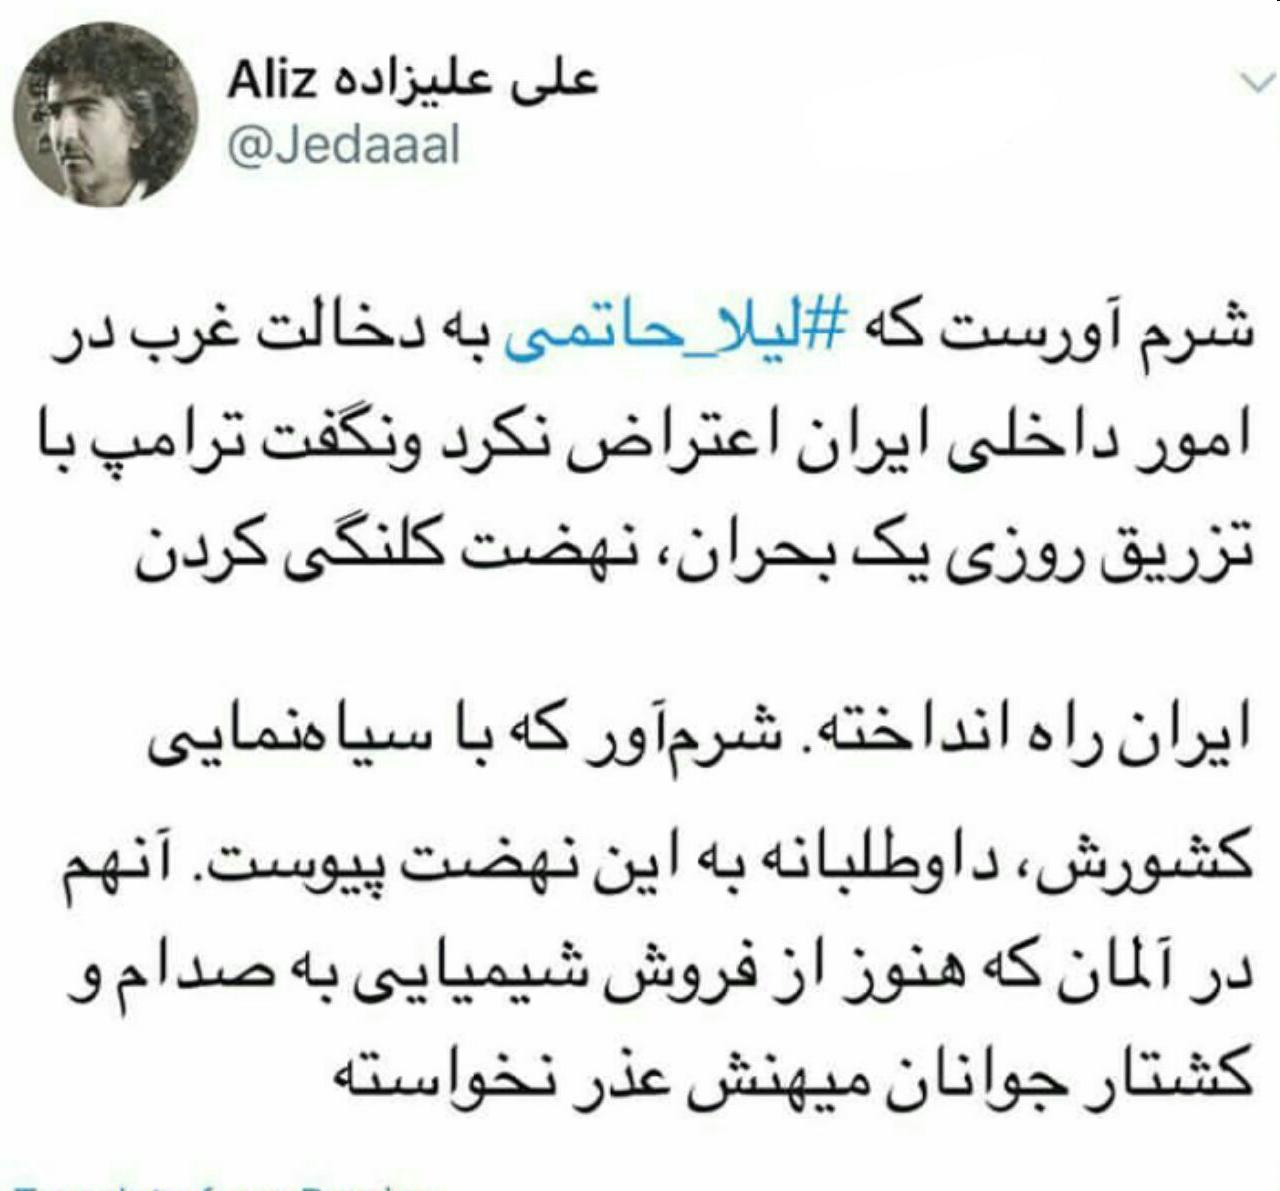 لیلا حاتمی به نهضت کلنگی کردن ایران پیوست